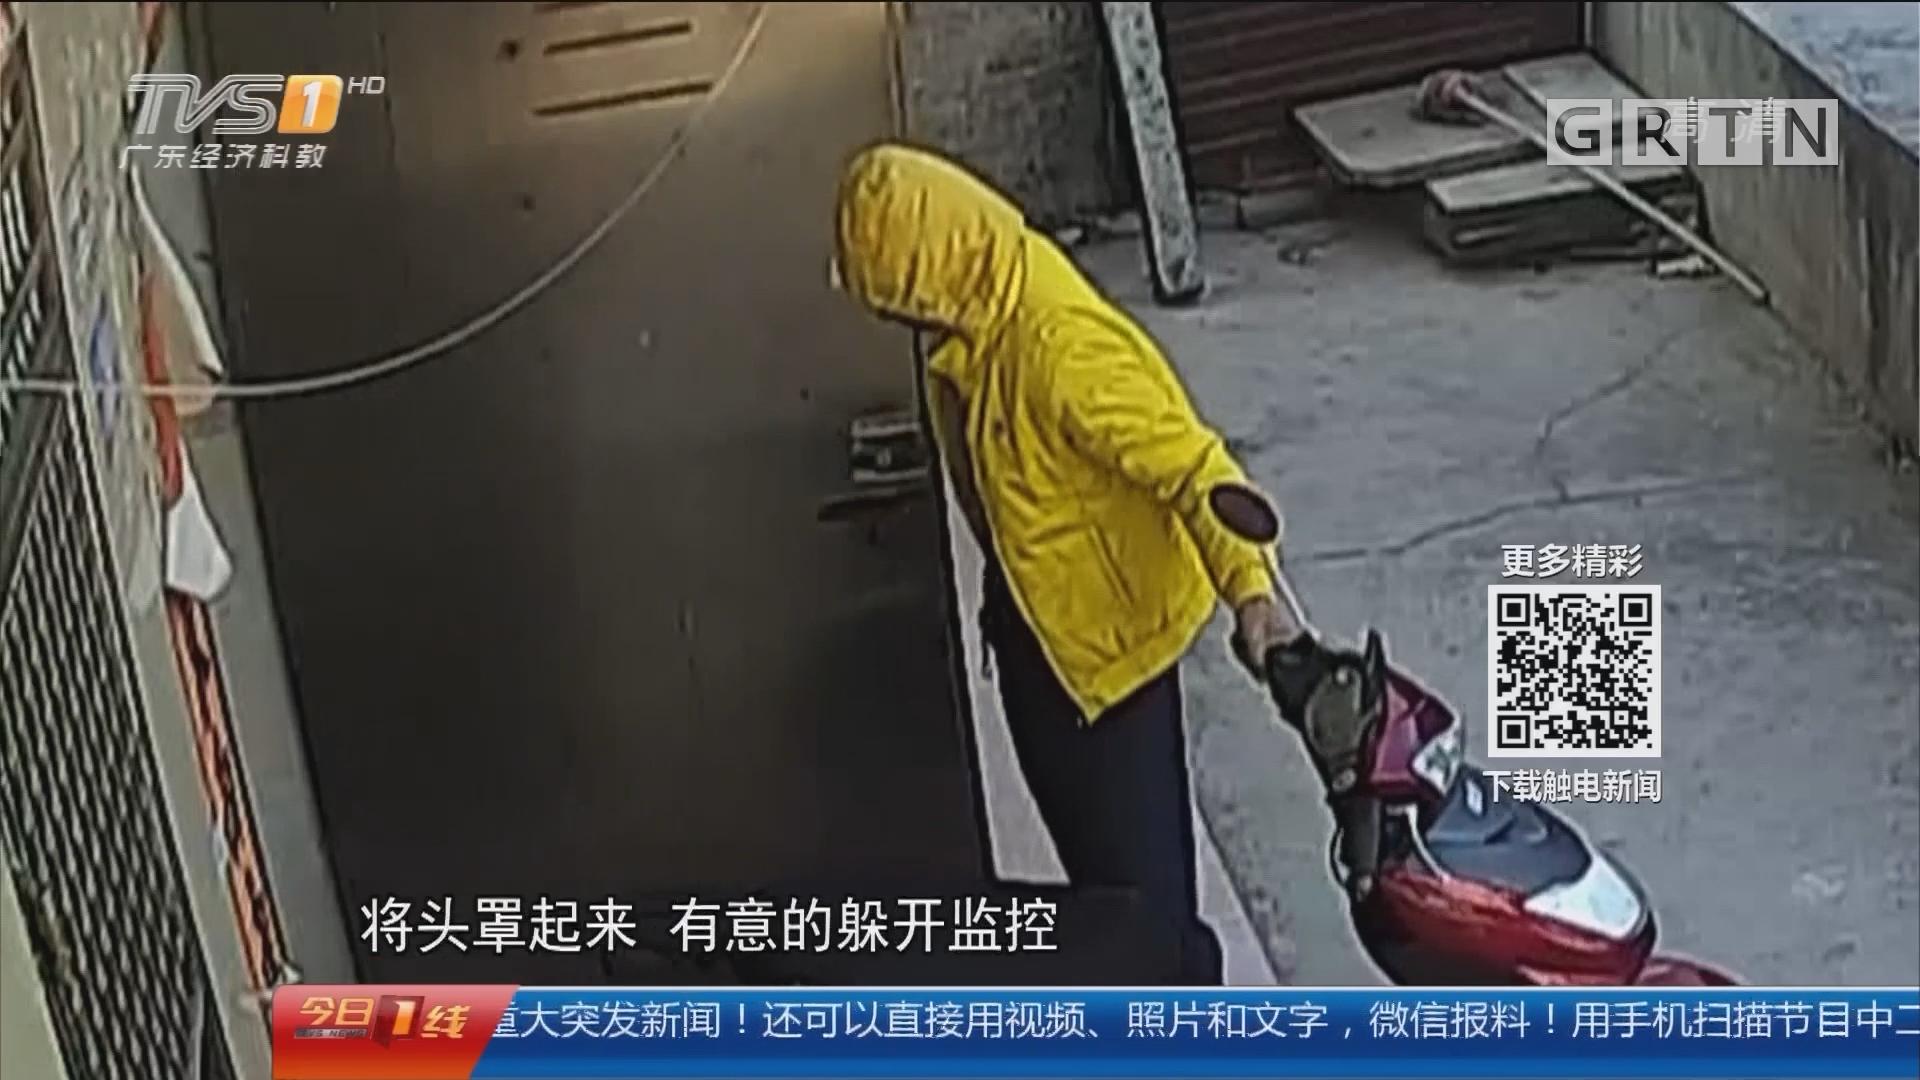 东莞清溪:偷车贼反侦查能力强 竟是保安队长!